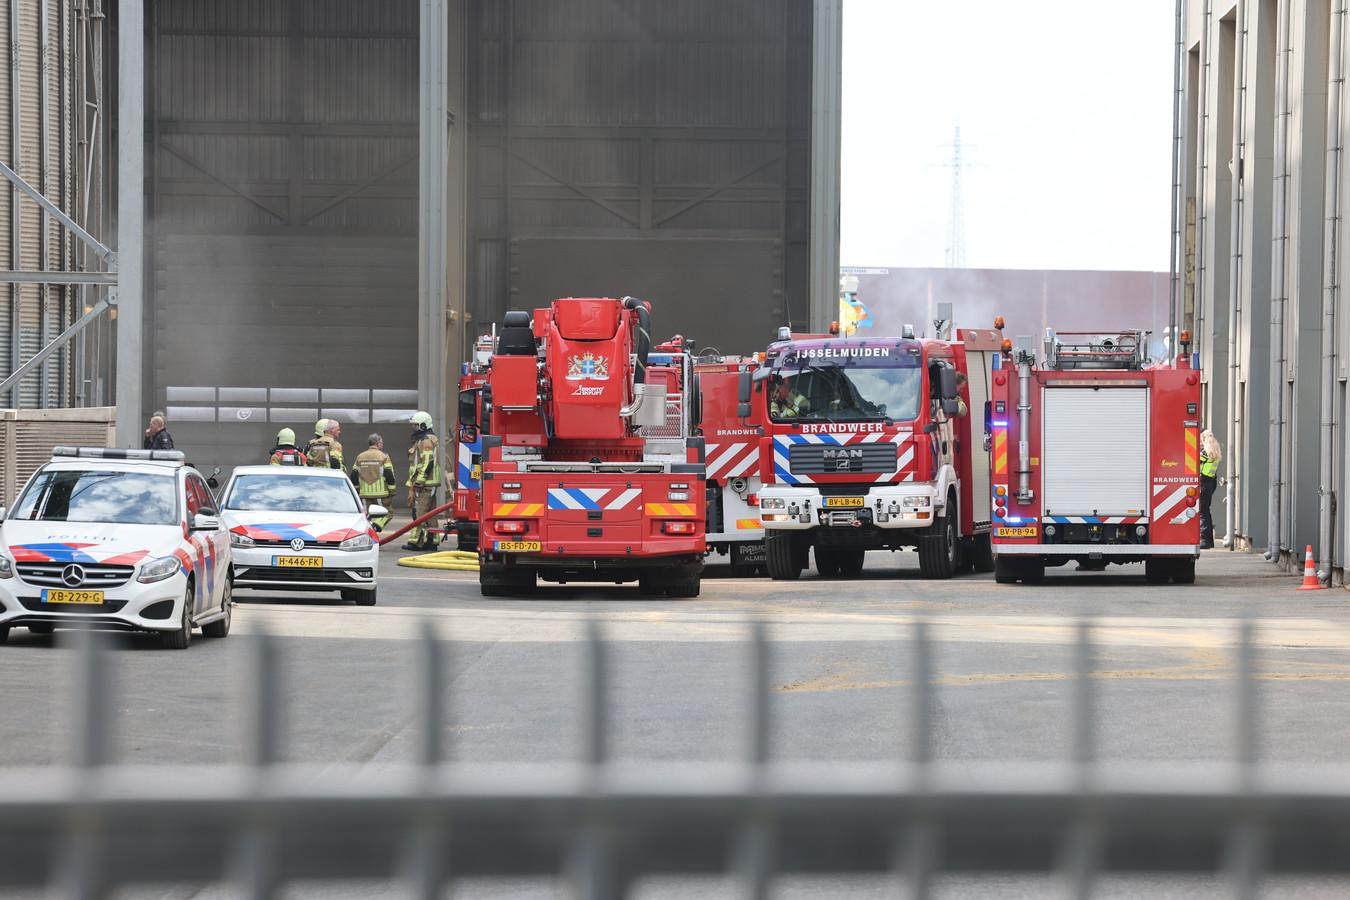 De brandweer is vanmiddag groots uitgerukt voor een brand op het industrieterrein.